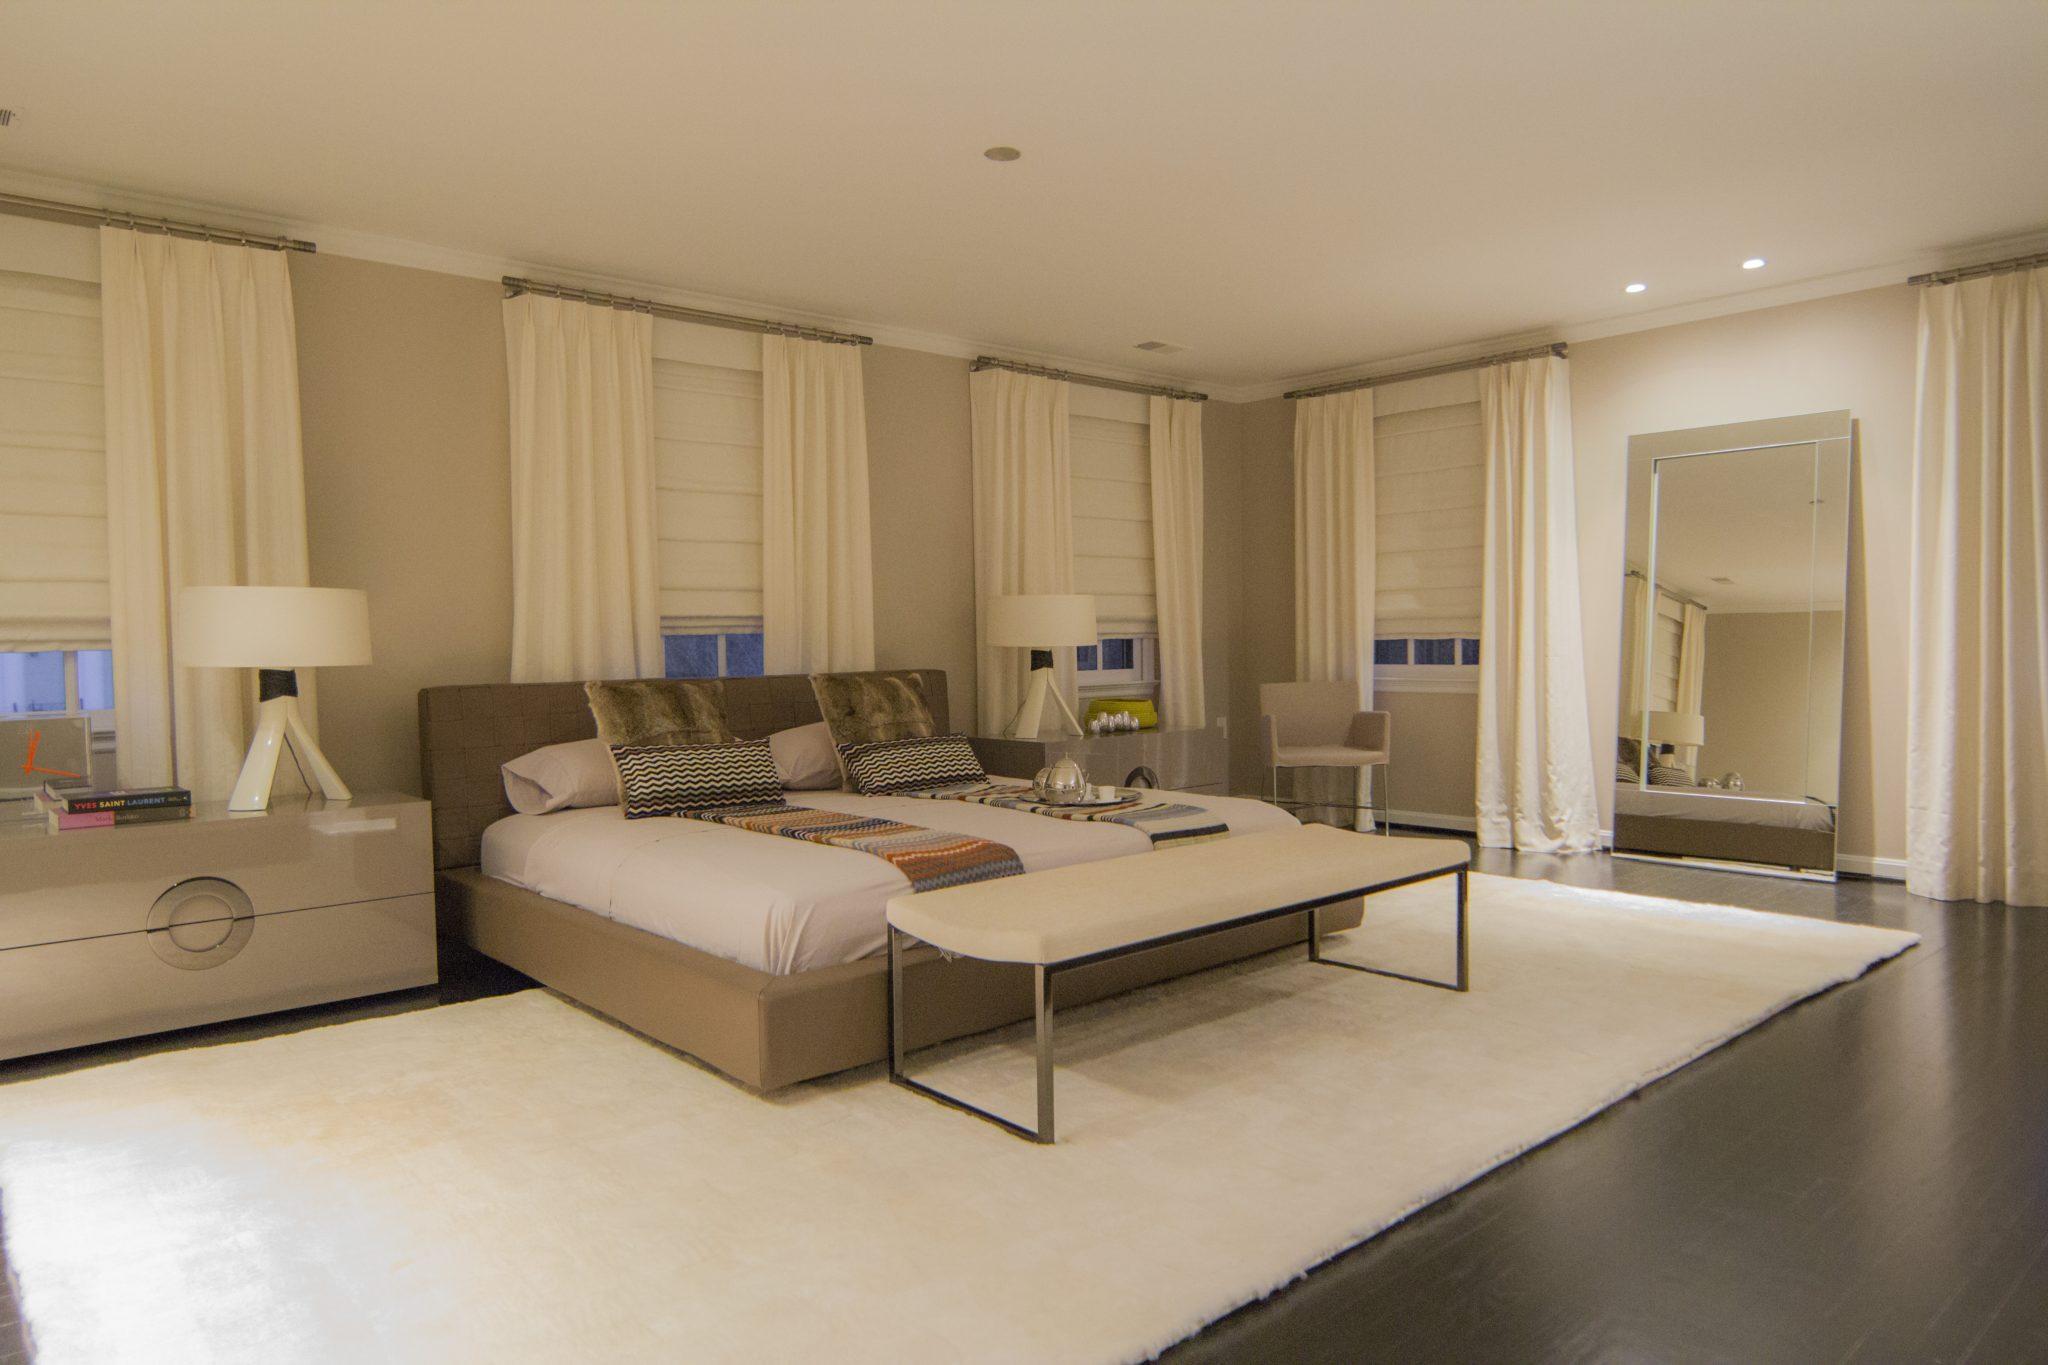 Bedroom by Mow Design Studio